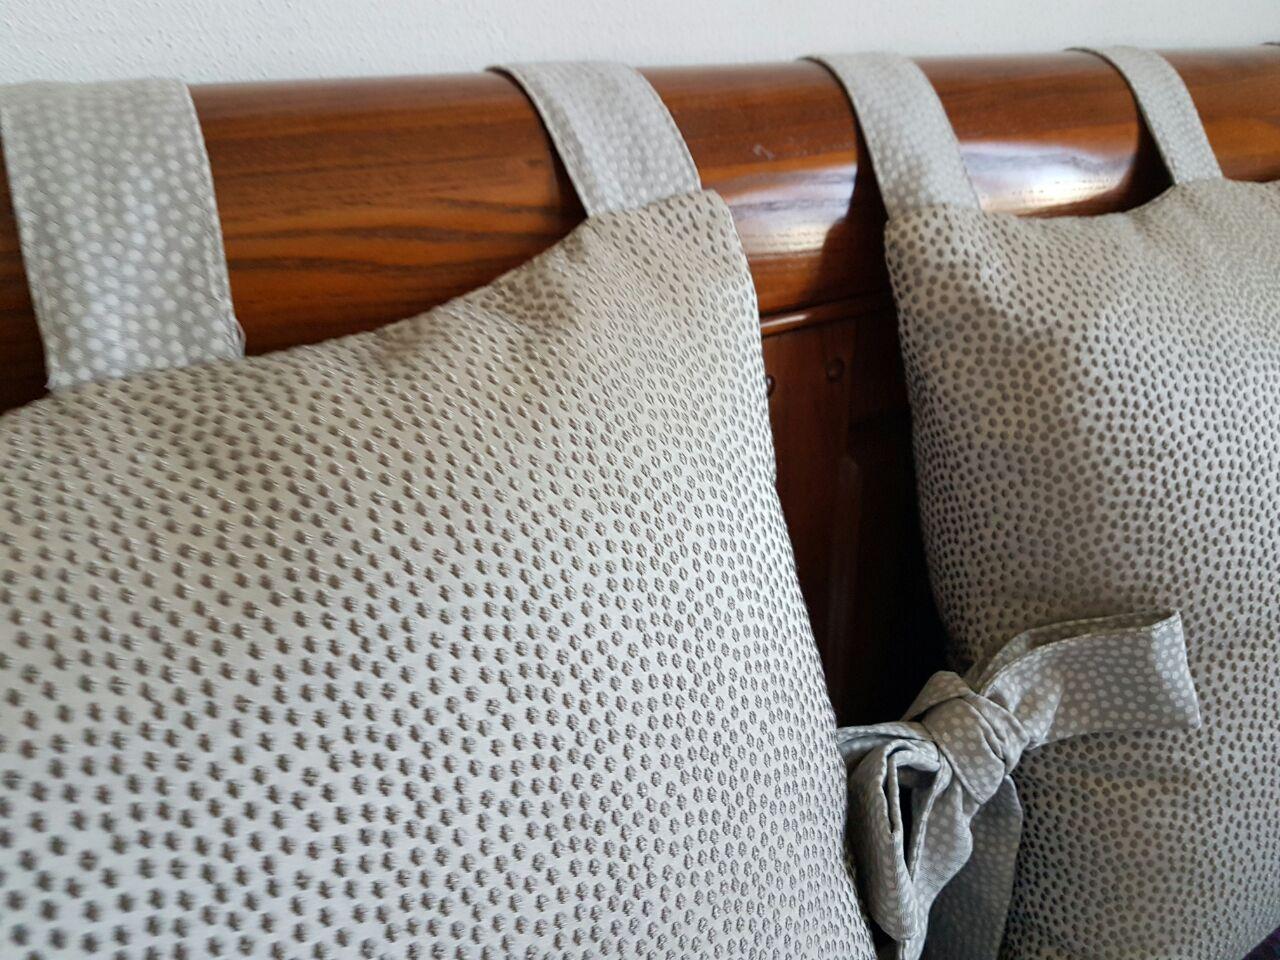 cuscini con fiocchi fissati su testata liscia